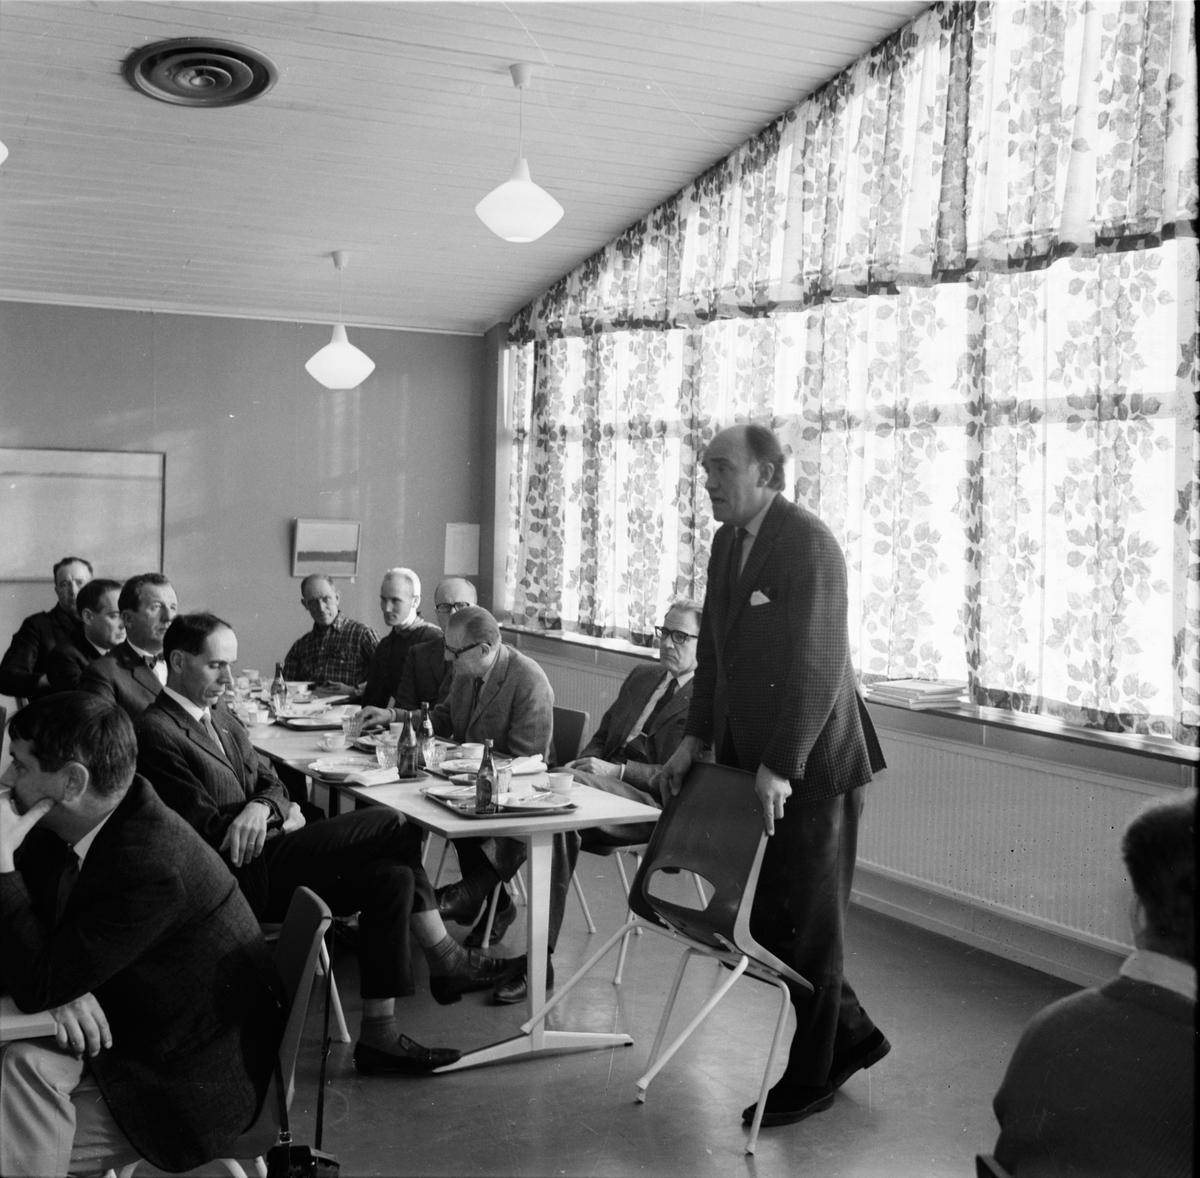 Nytorp. Nya kurser börjar. Oktober 1970